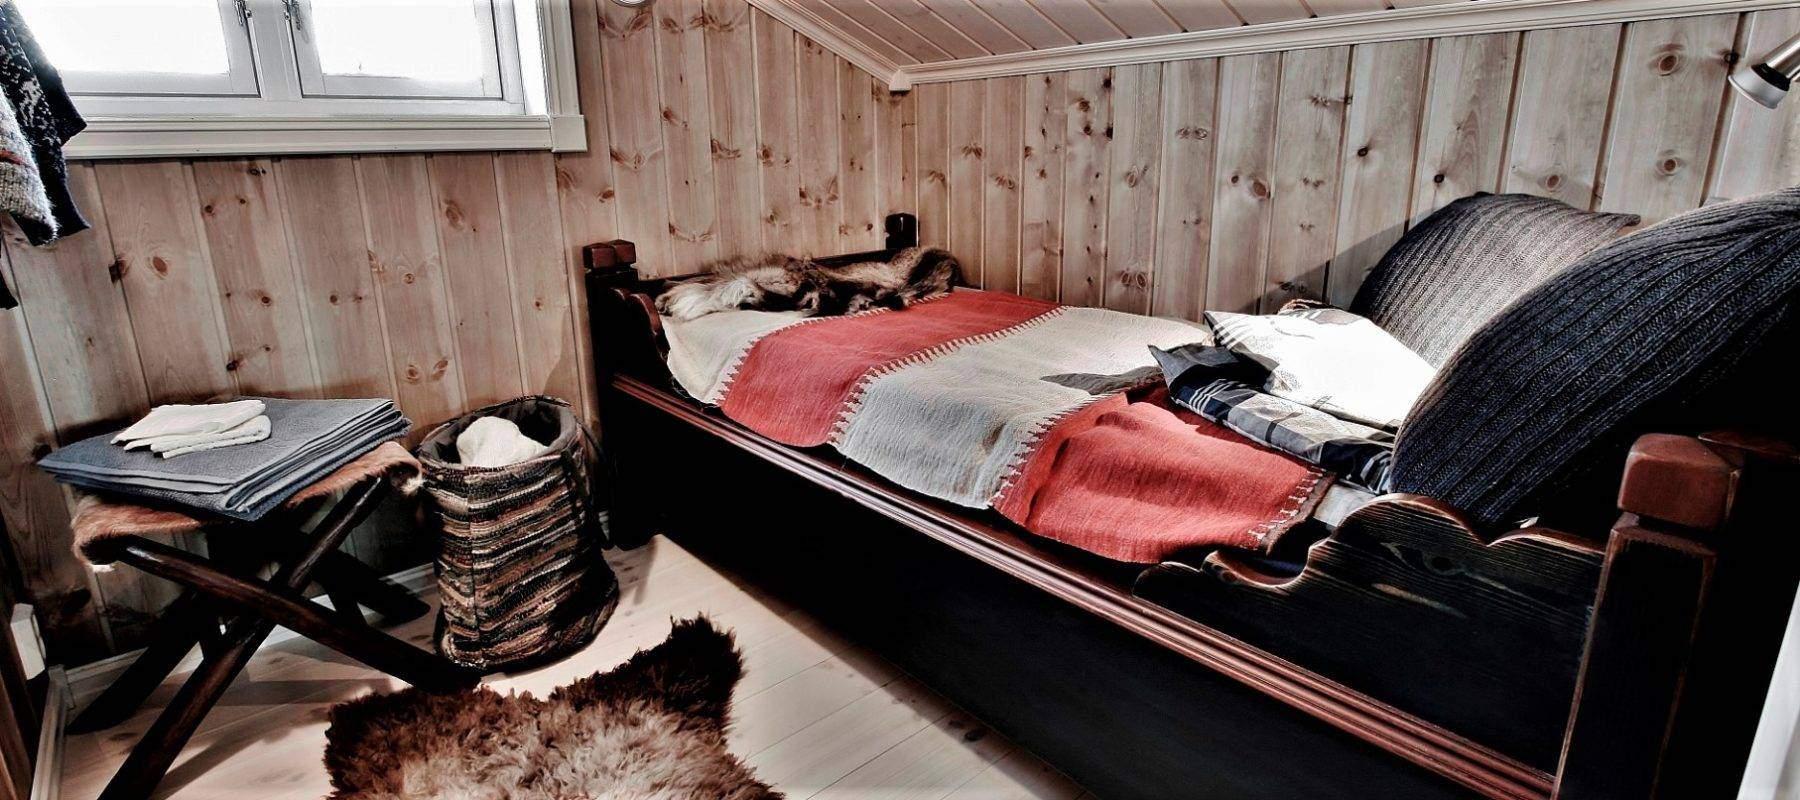 316 Hytte Rondeslottet 95 på Vaset. Koselig soverom i loftetasjen med skuveseng